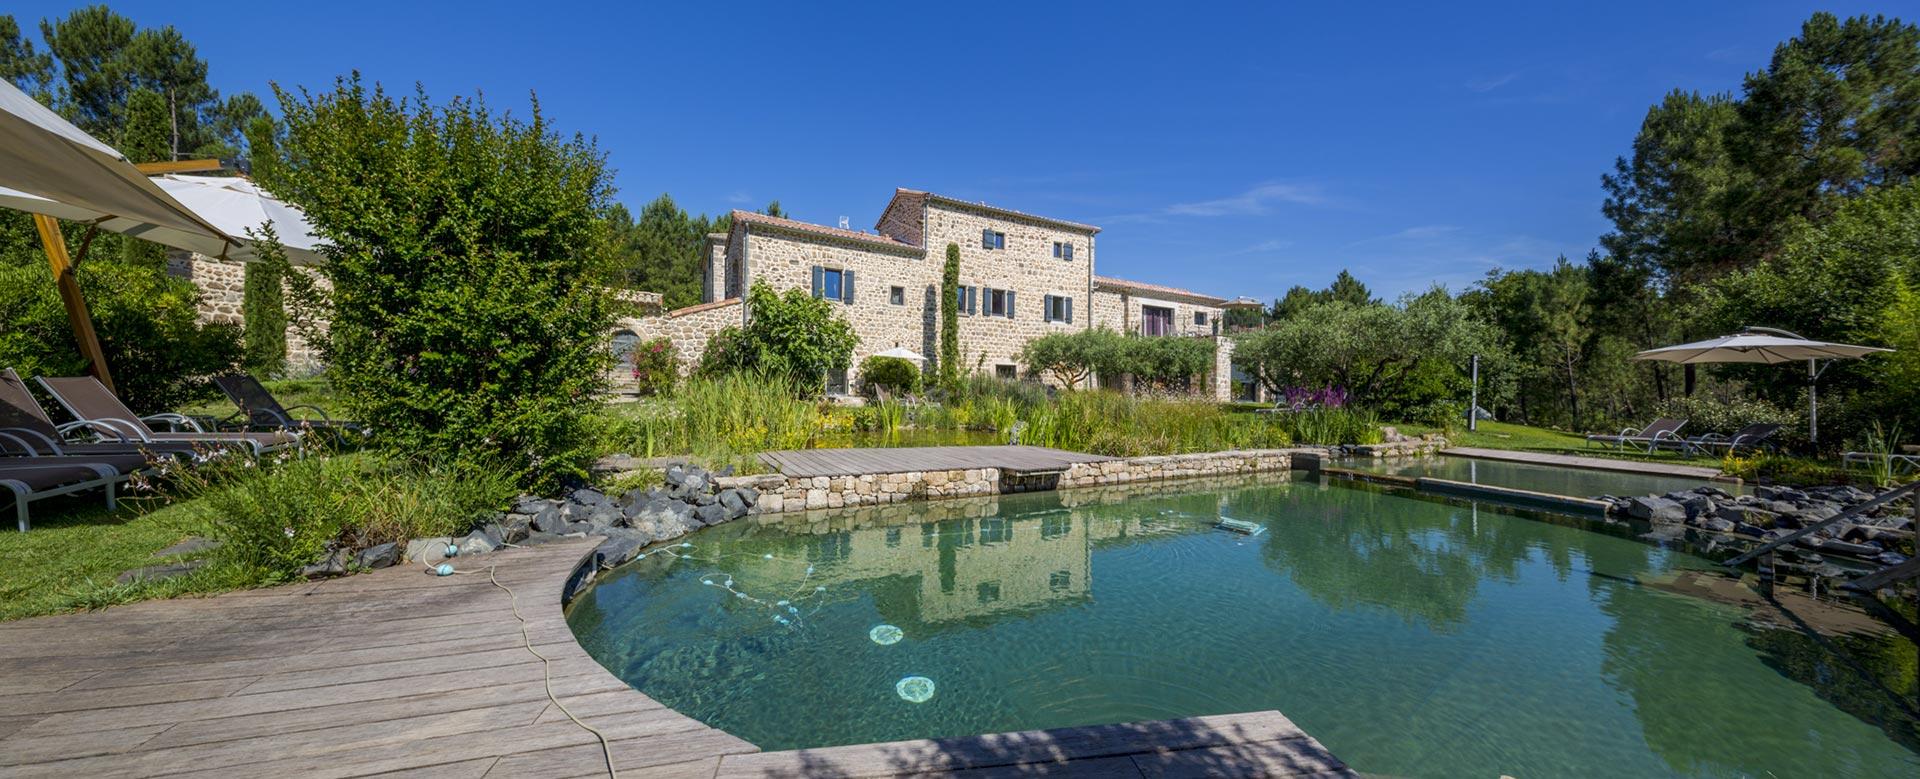 Piscine Naturelle Éco-Responsable | Hôtel De Charme En Ardèche pour Hotel Ardeche Avec Piscine